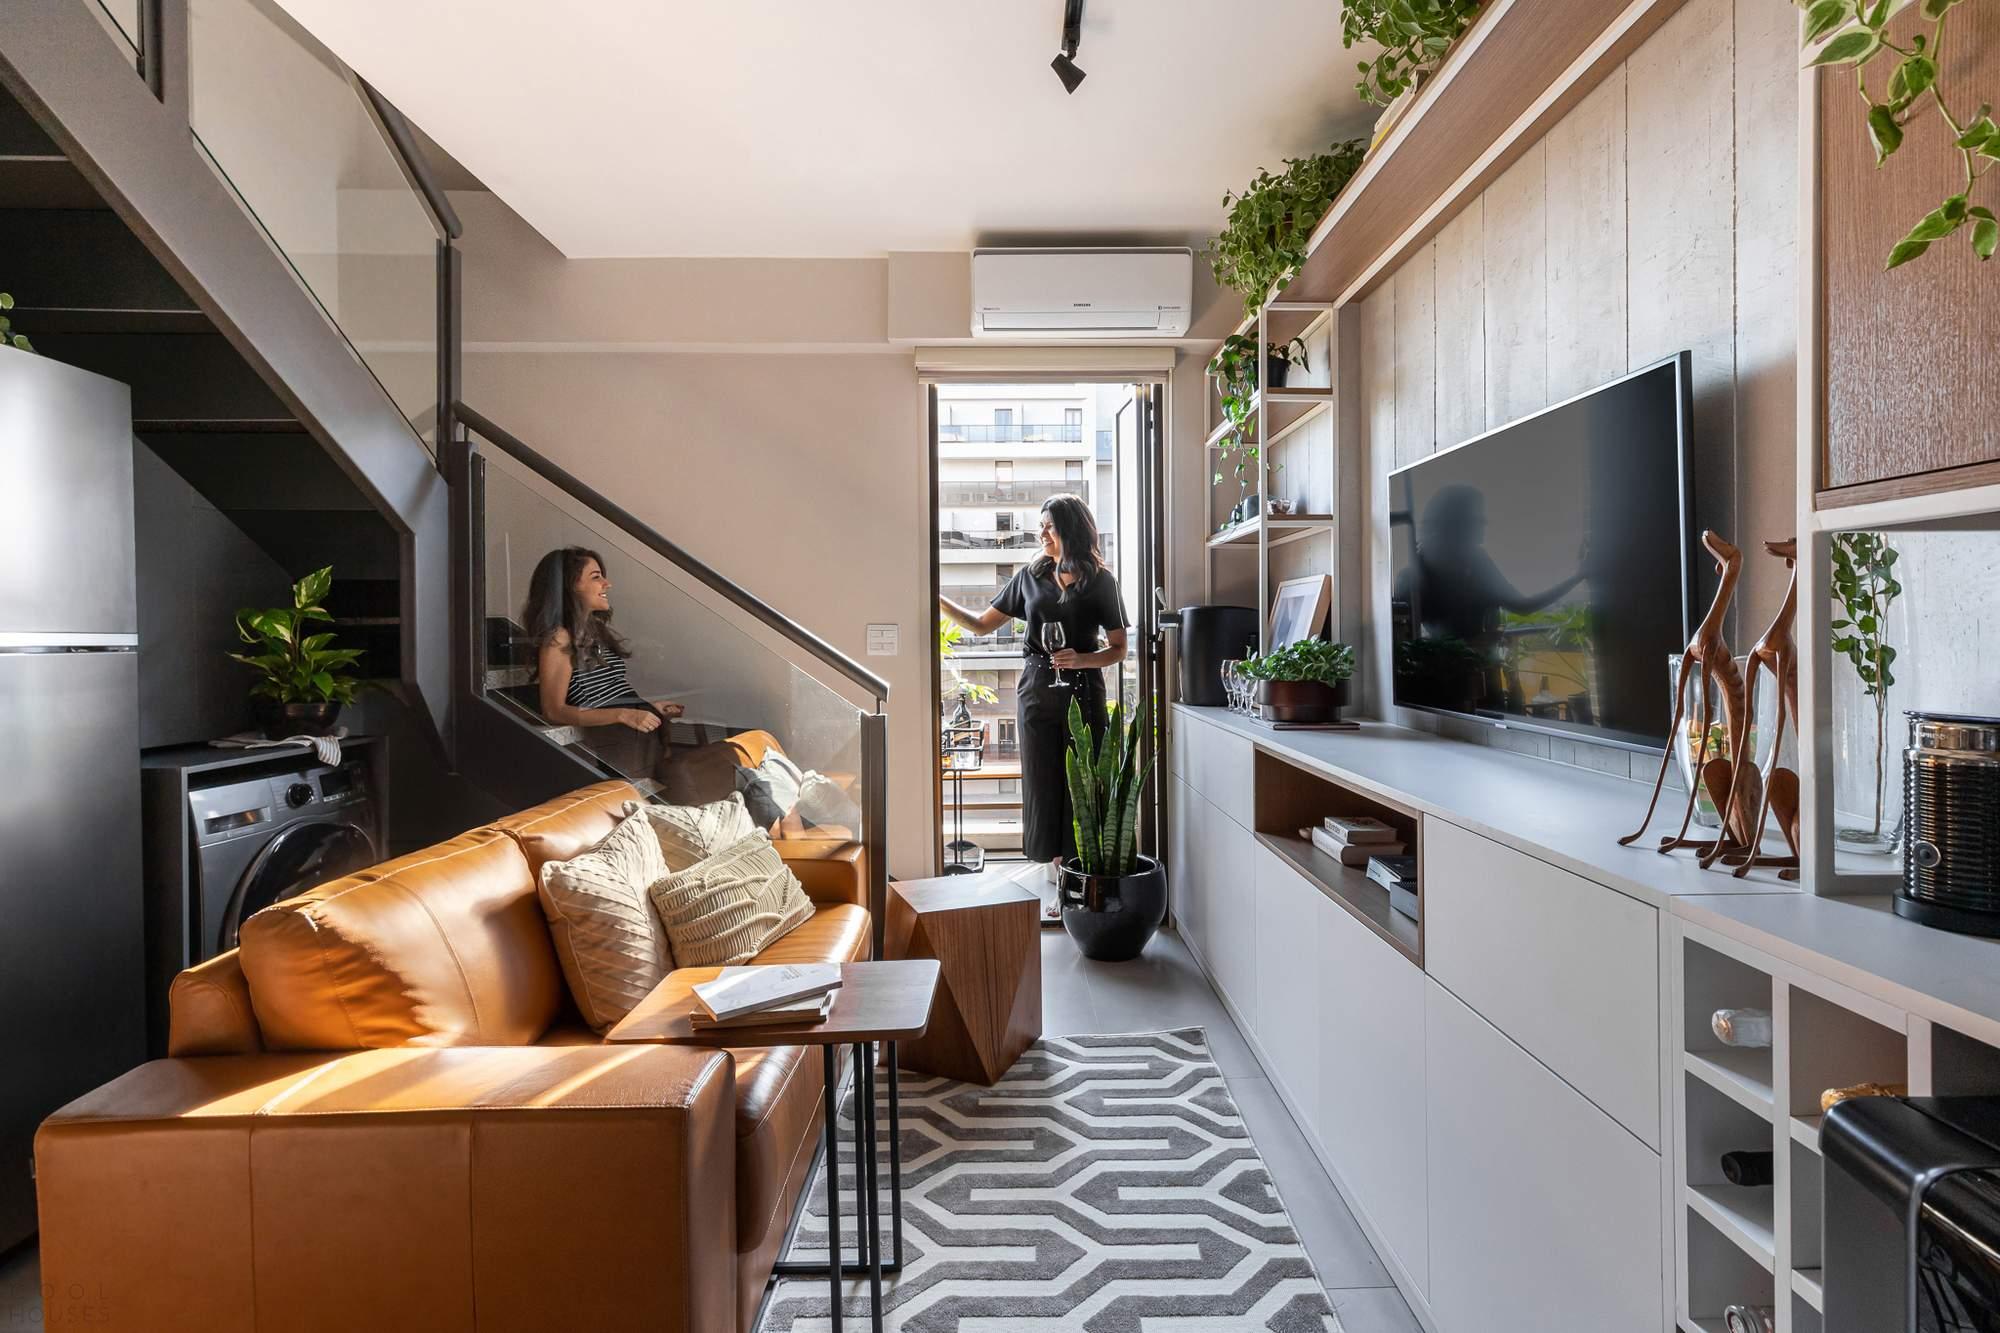 Квартира-лофт с многофункциональным дизайном, Бразилия